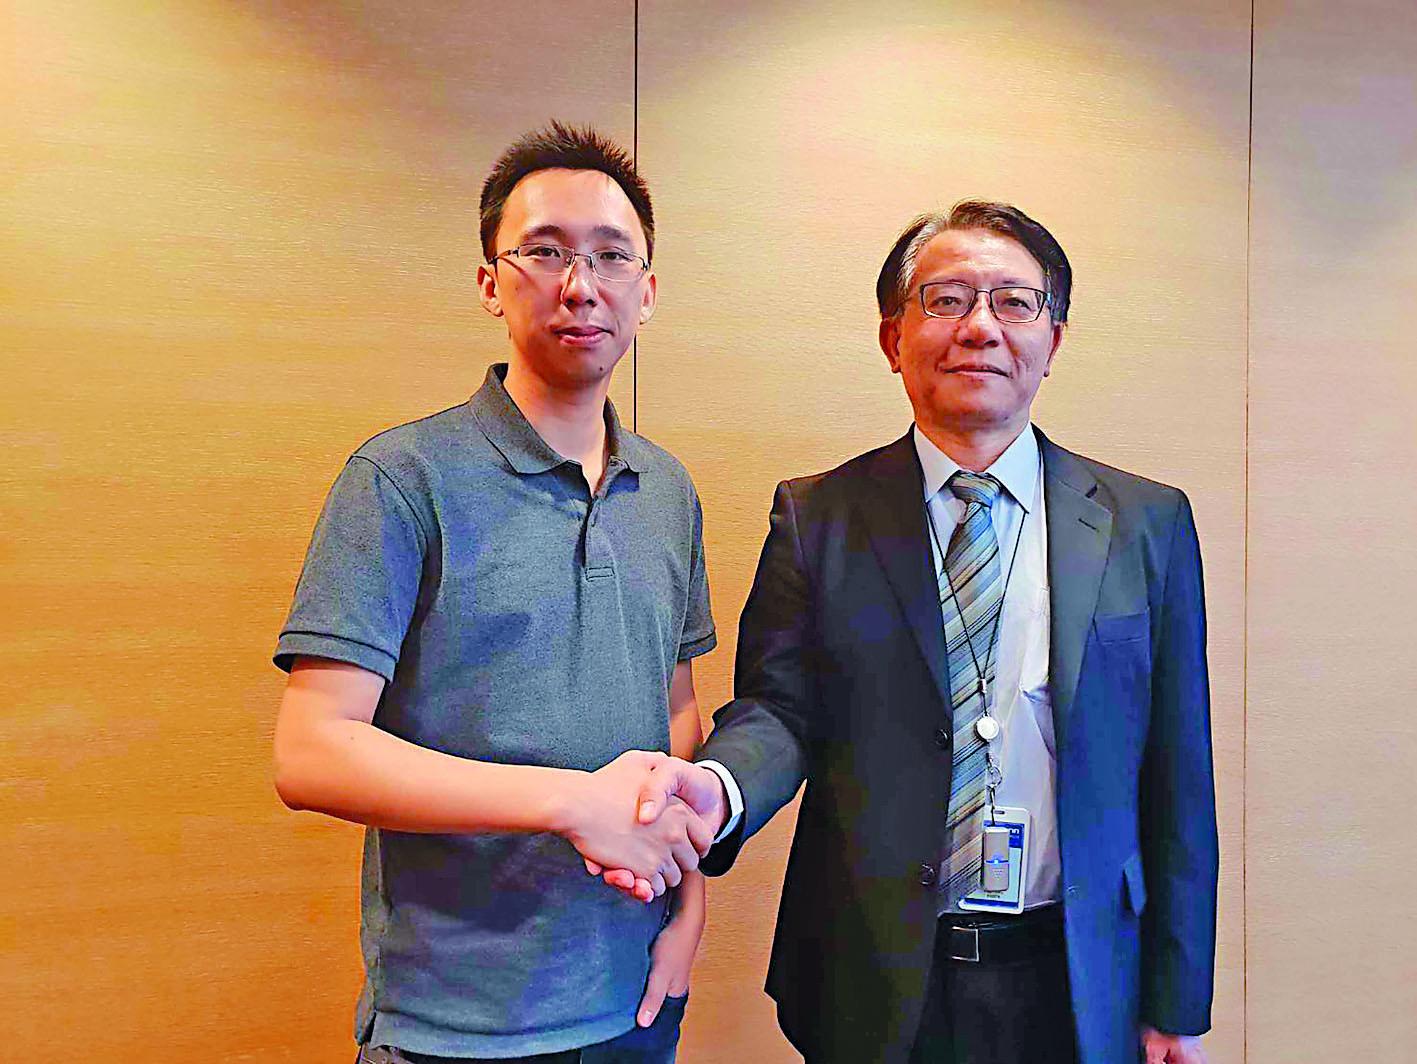 圖左為曠視科技聯合創辦人唐文斌。